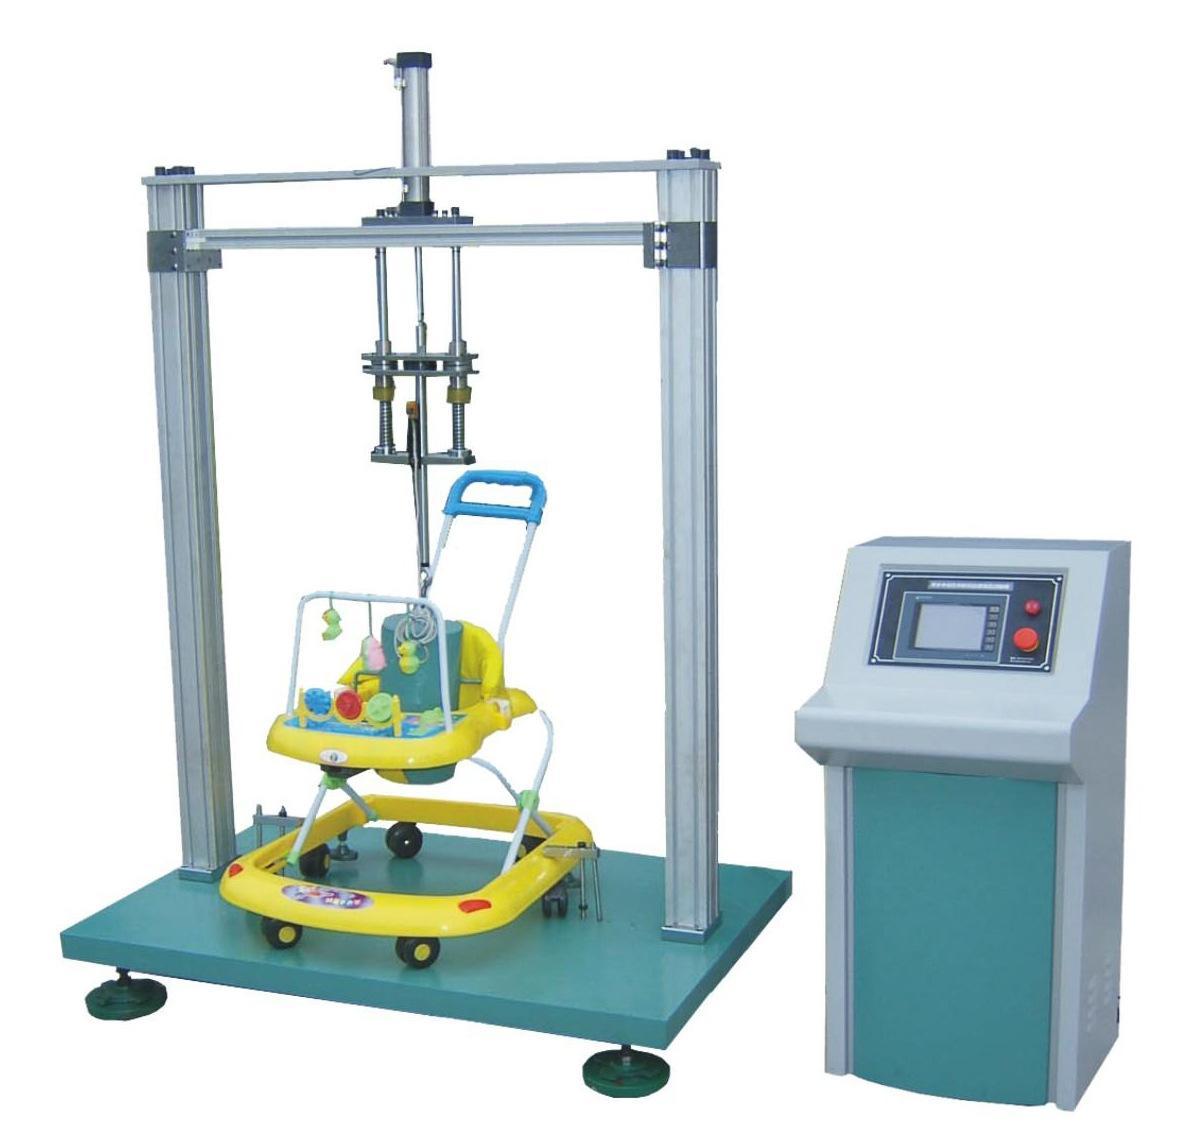 学步车座位和框架结构试验机,动态强度测试仪ASTM F977专业强 1